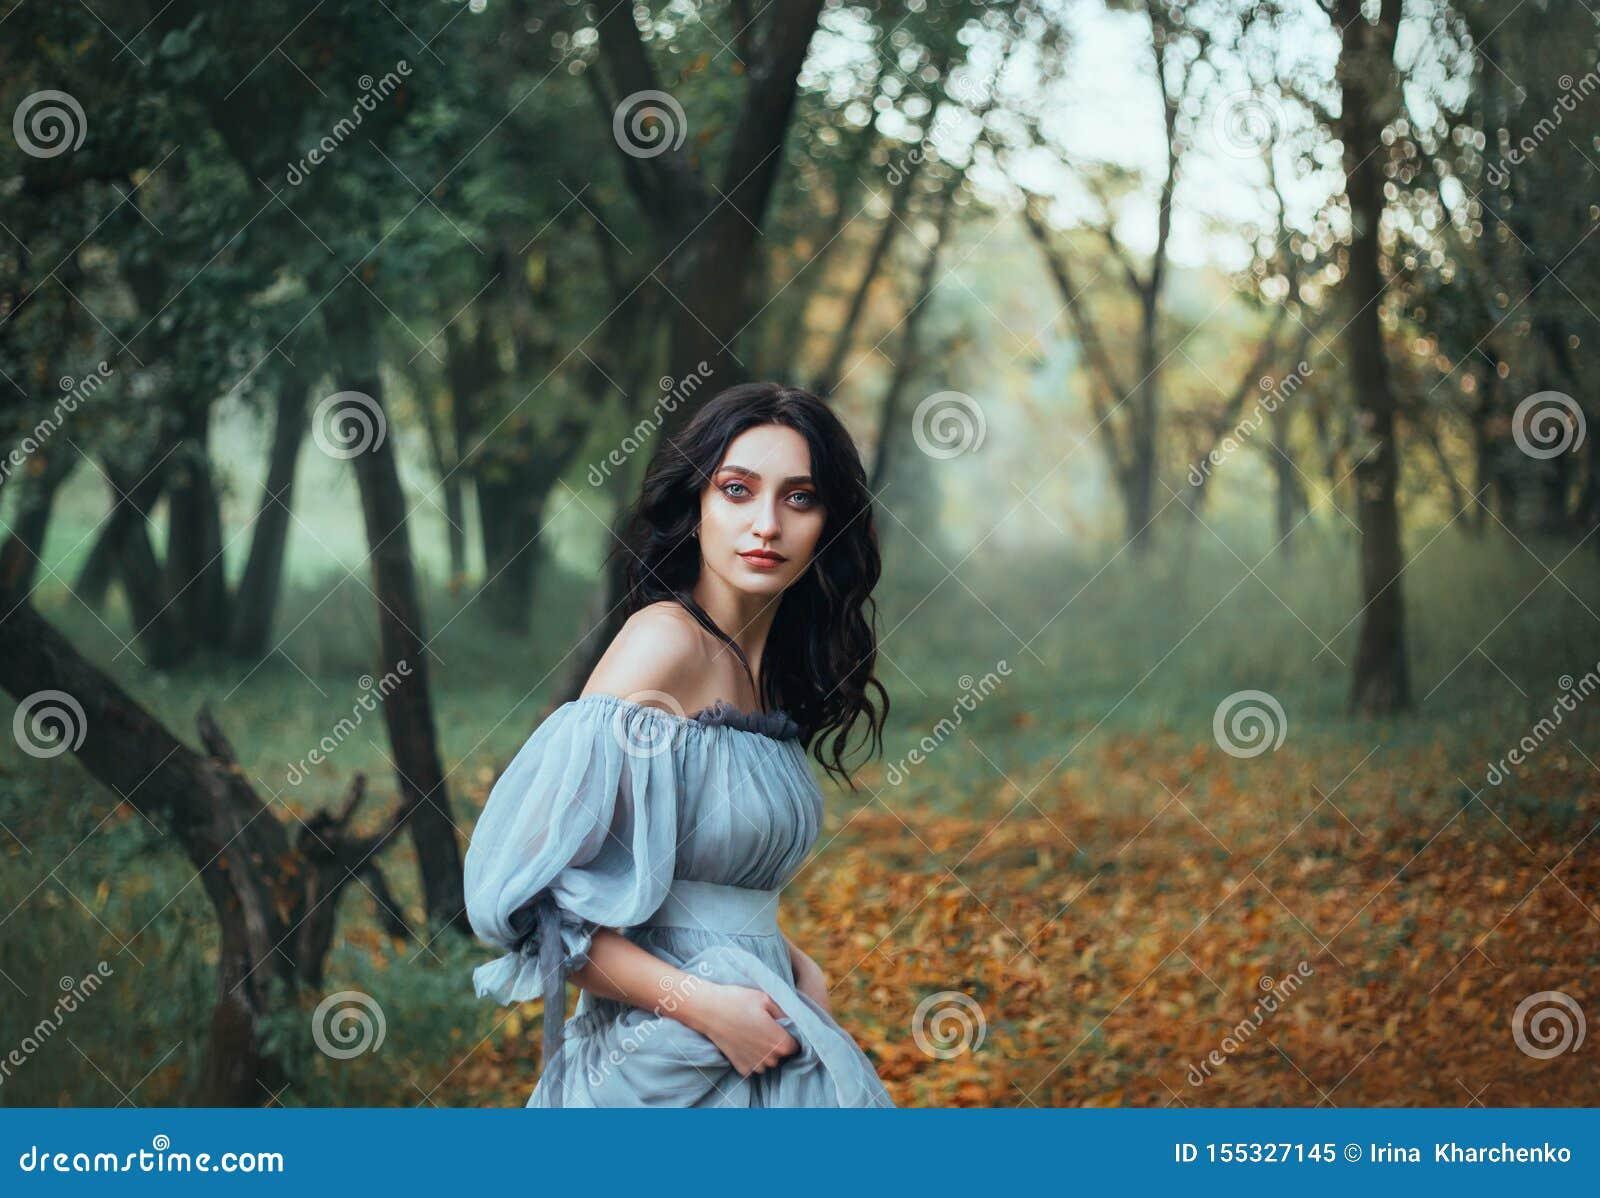 Storia Mitica Circa La Donna Pandora, Signora Con I ...